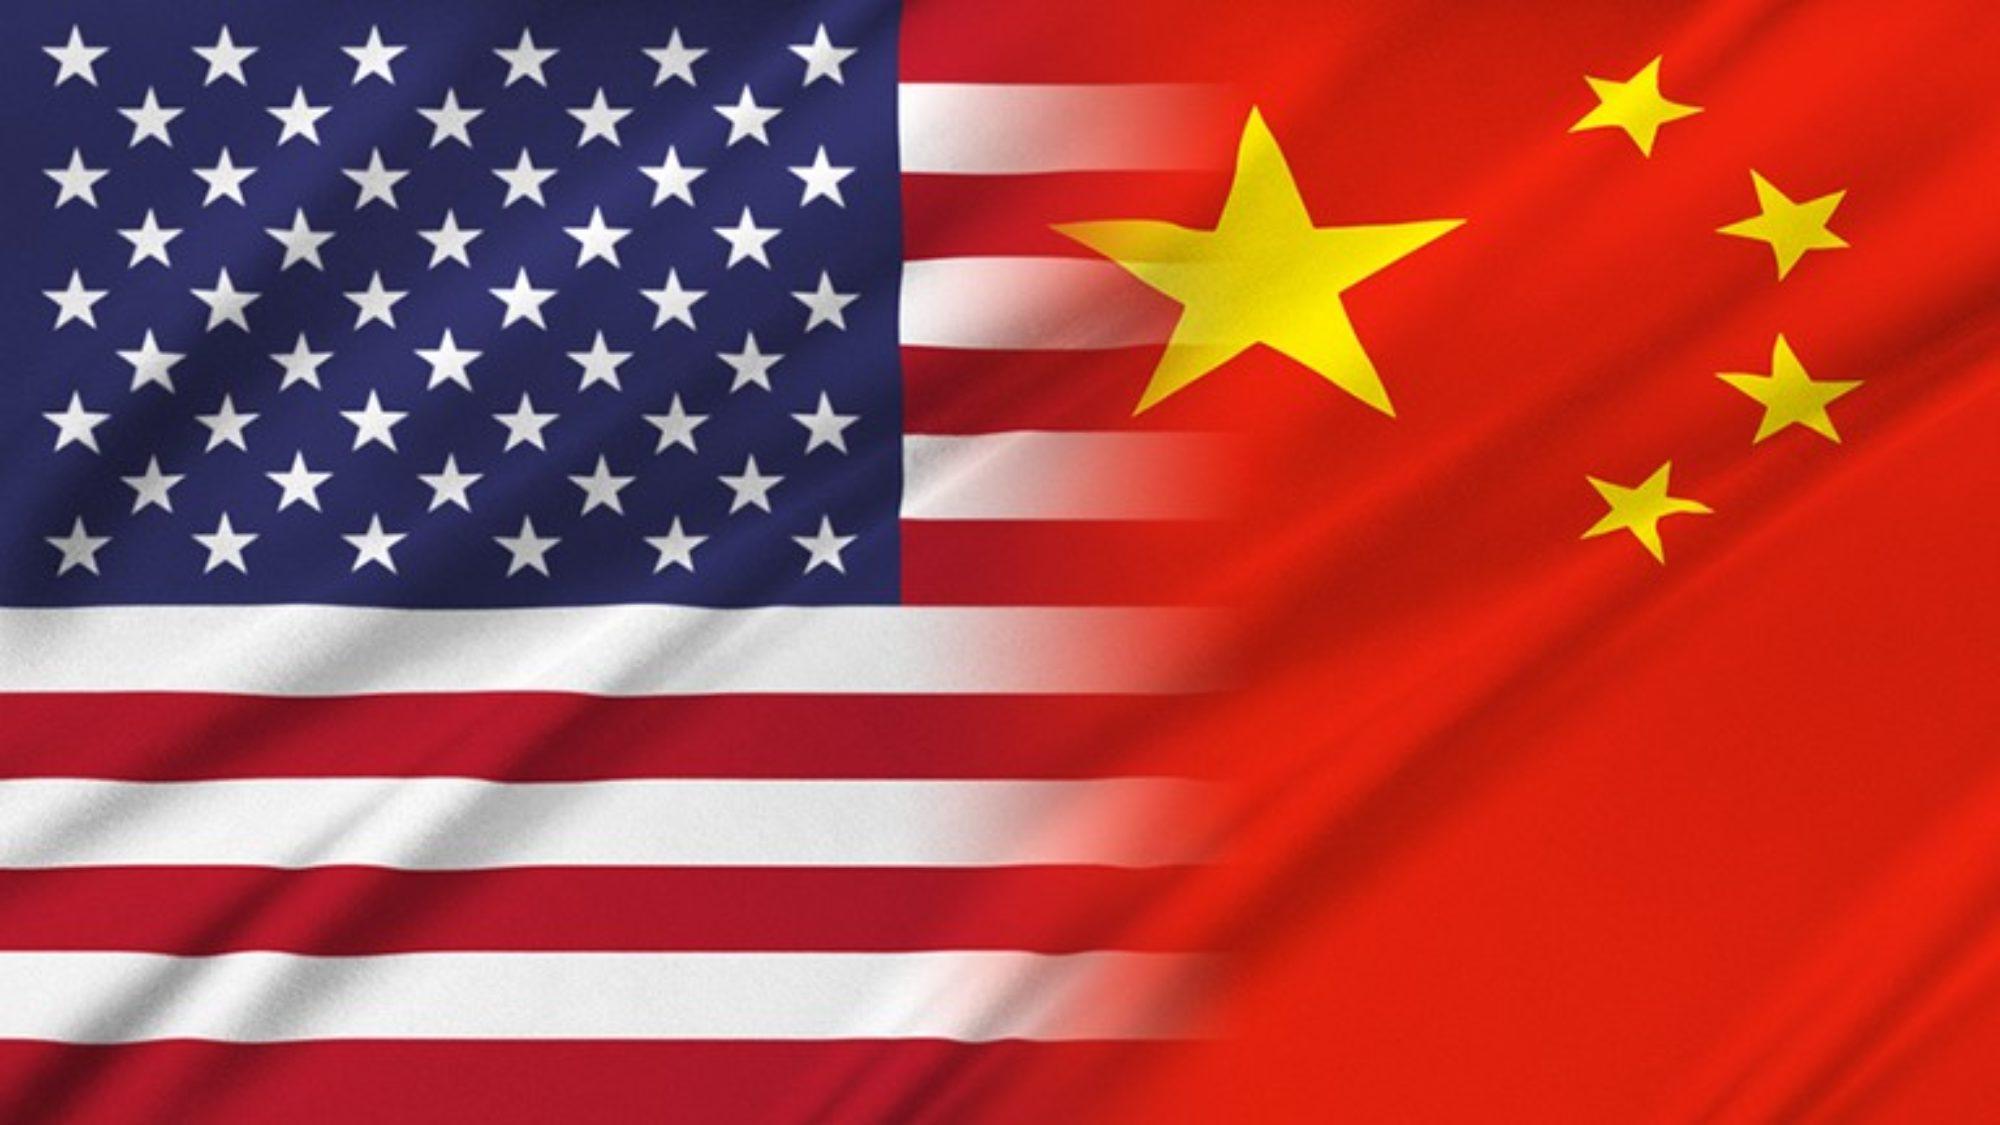 US-China flag mixed